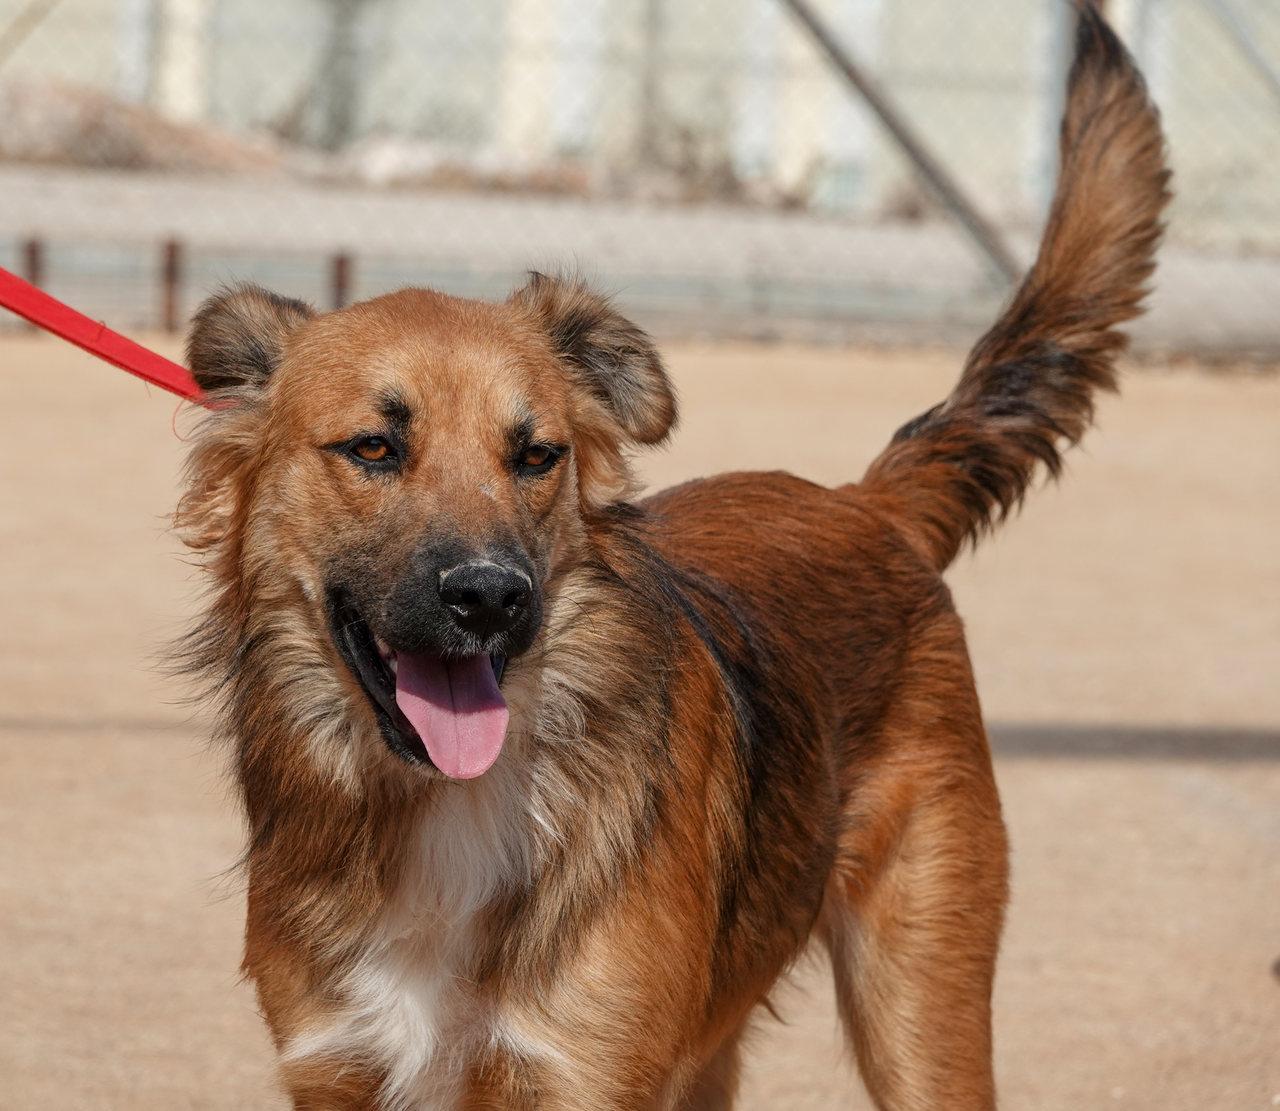 פרודו כלב בעל פרווה חומה ארוכה עם זנב מורם ולשון בחוץ